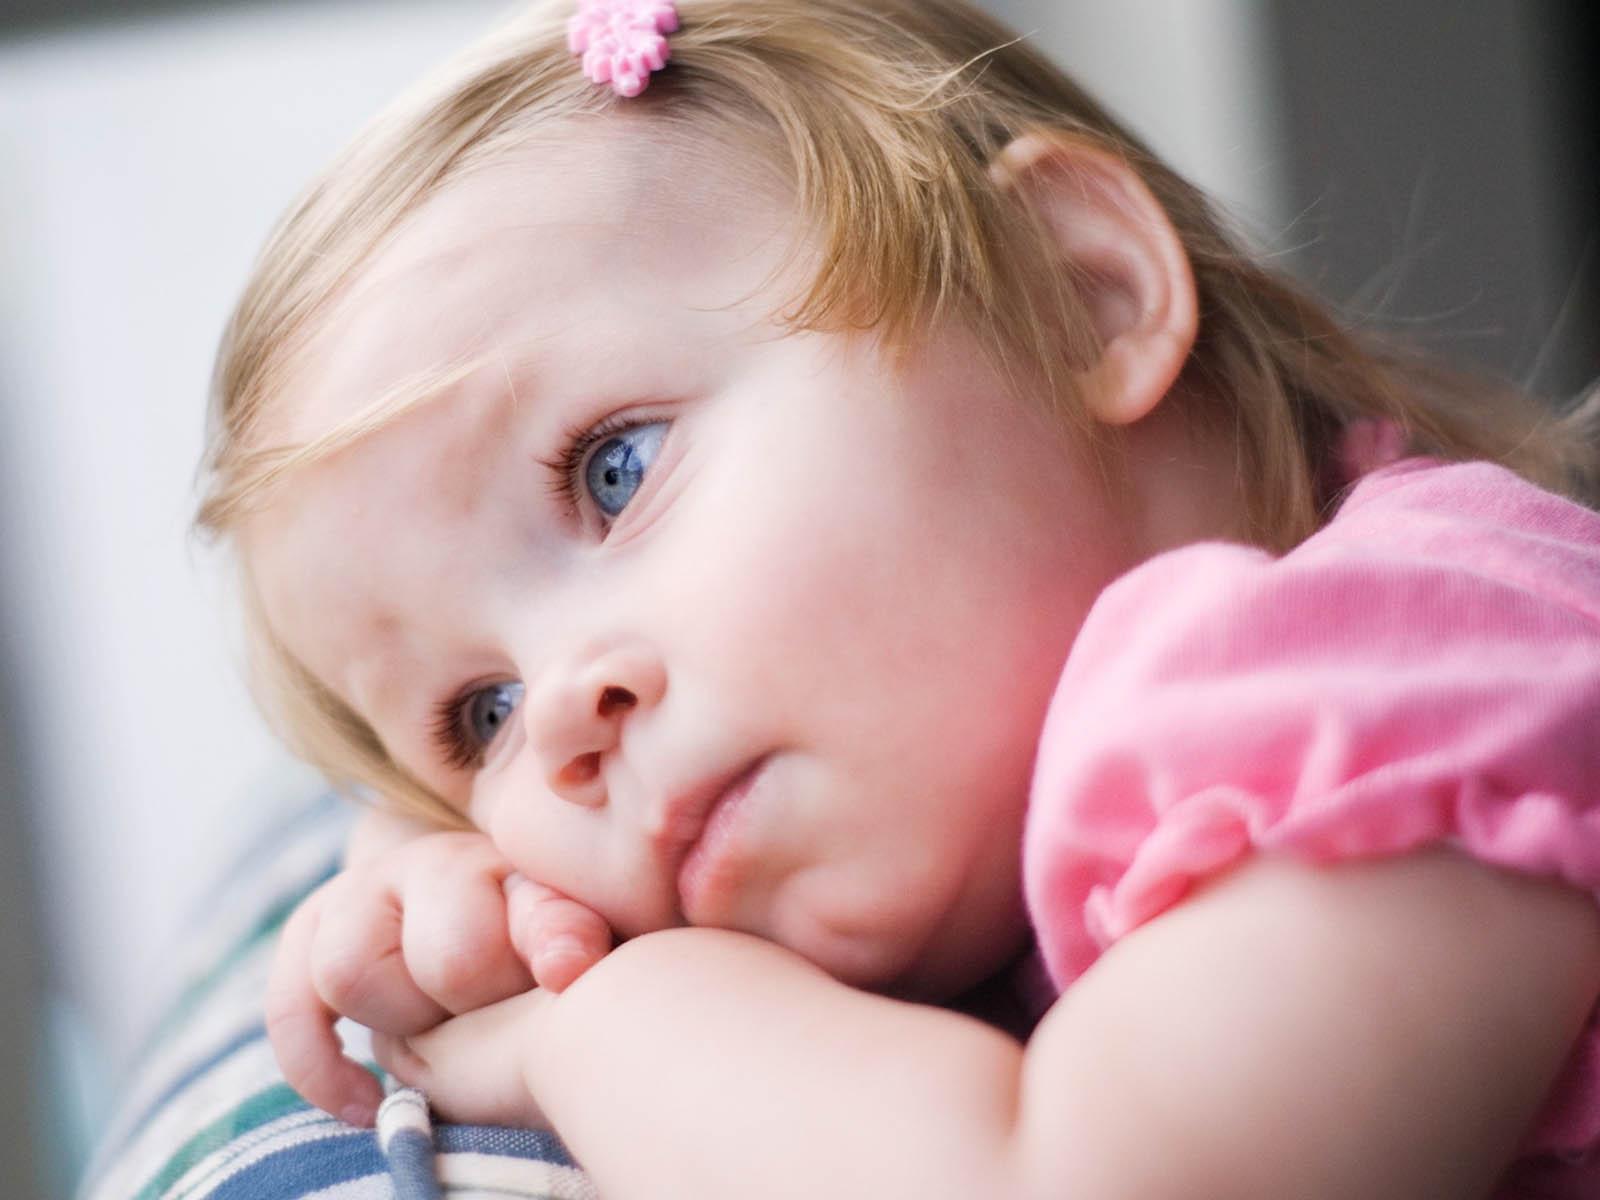 wallpapers: Innocent Babies Wallpapers